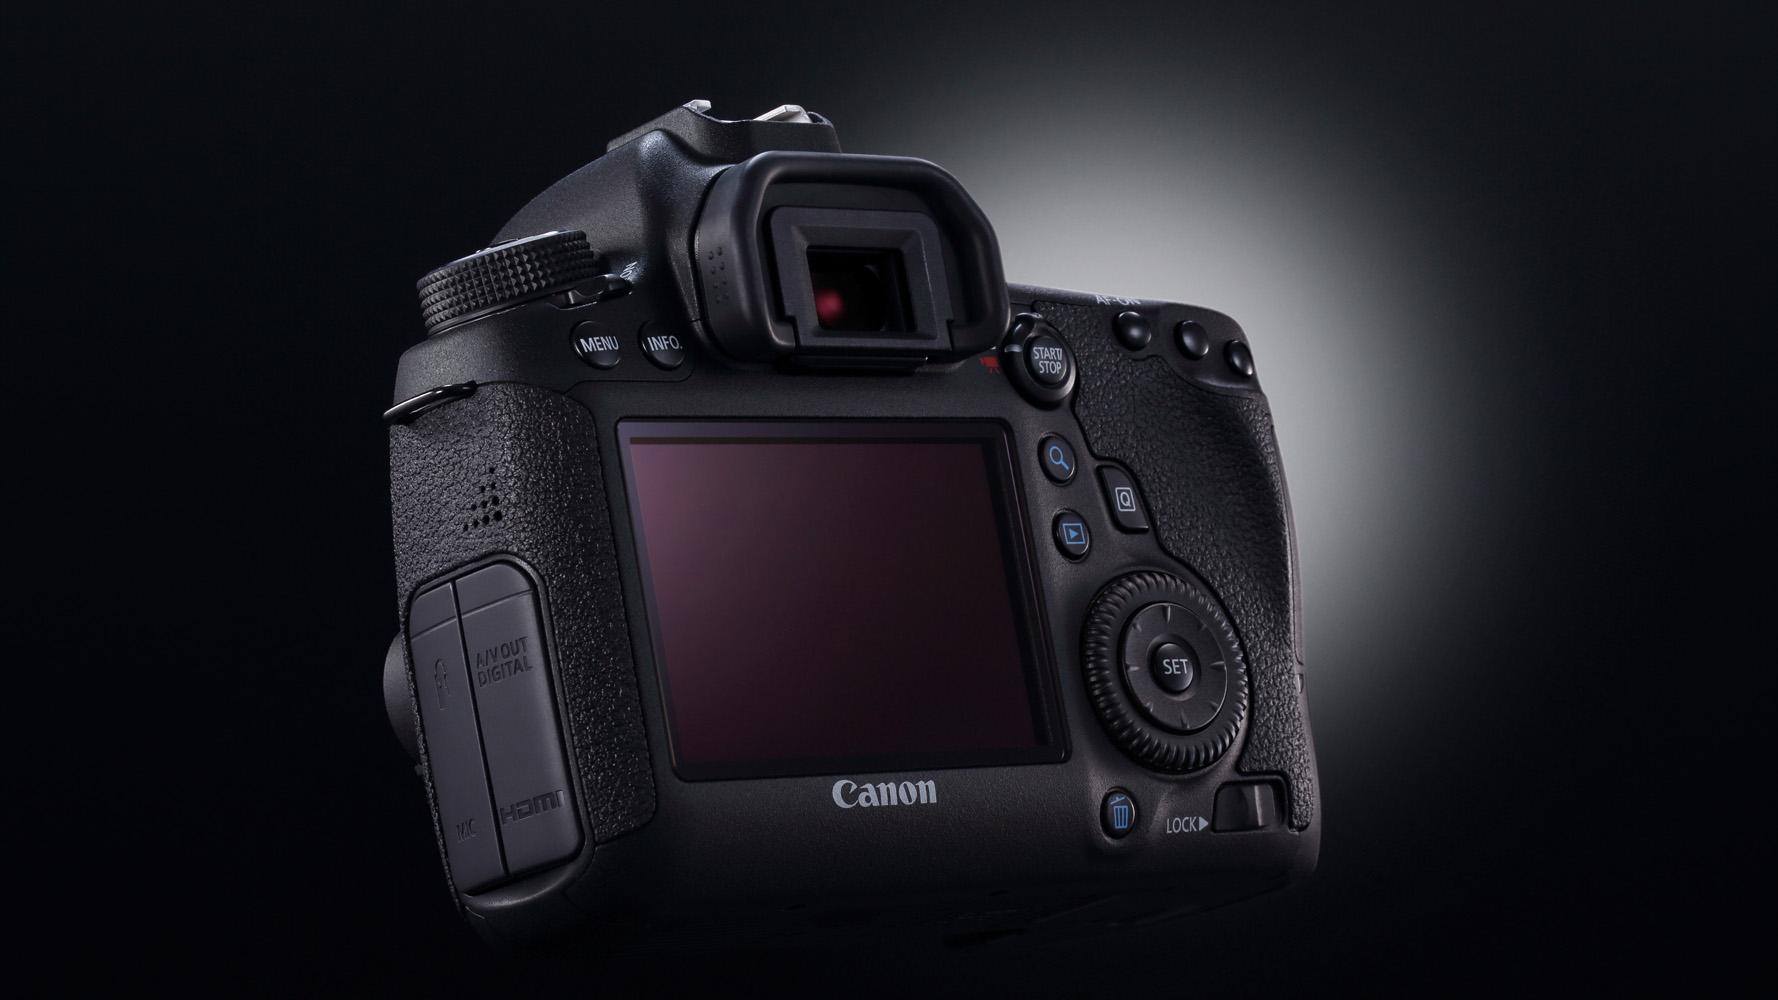 Canon Eos 60d Manual Pdf Bahasa Indonesia